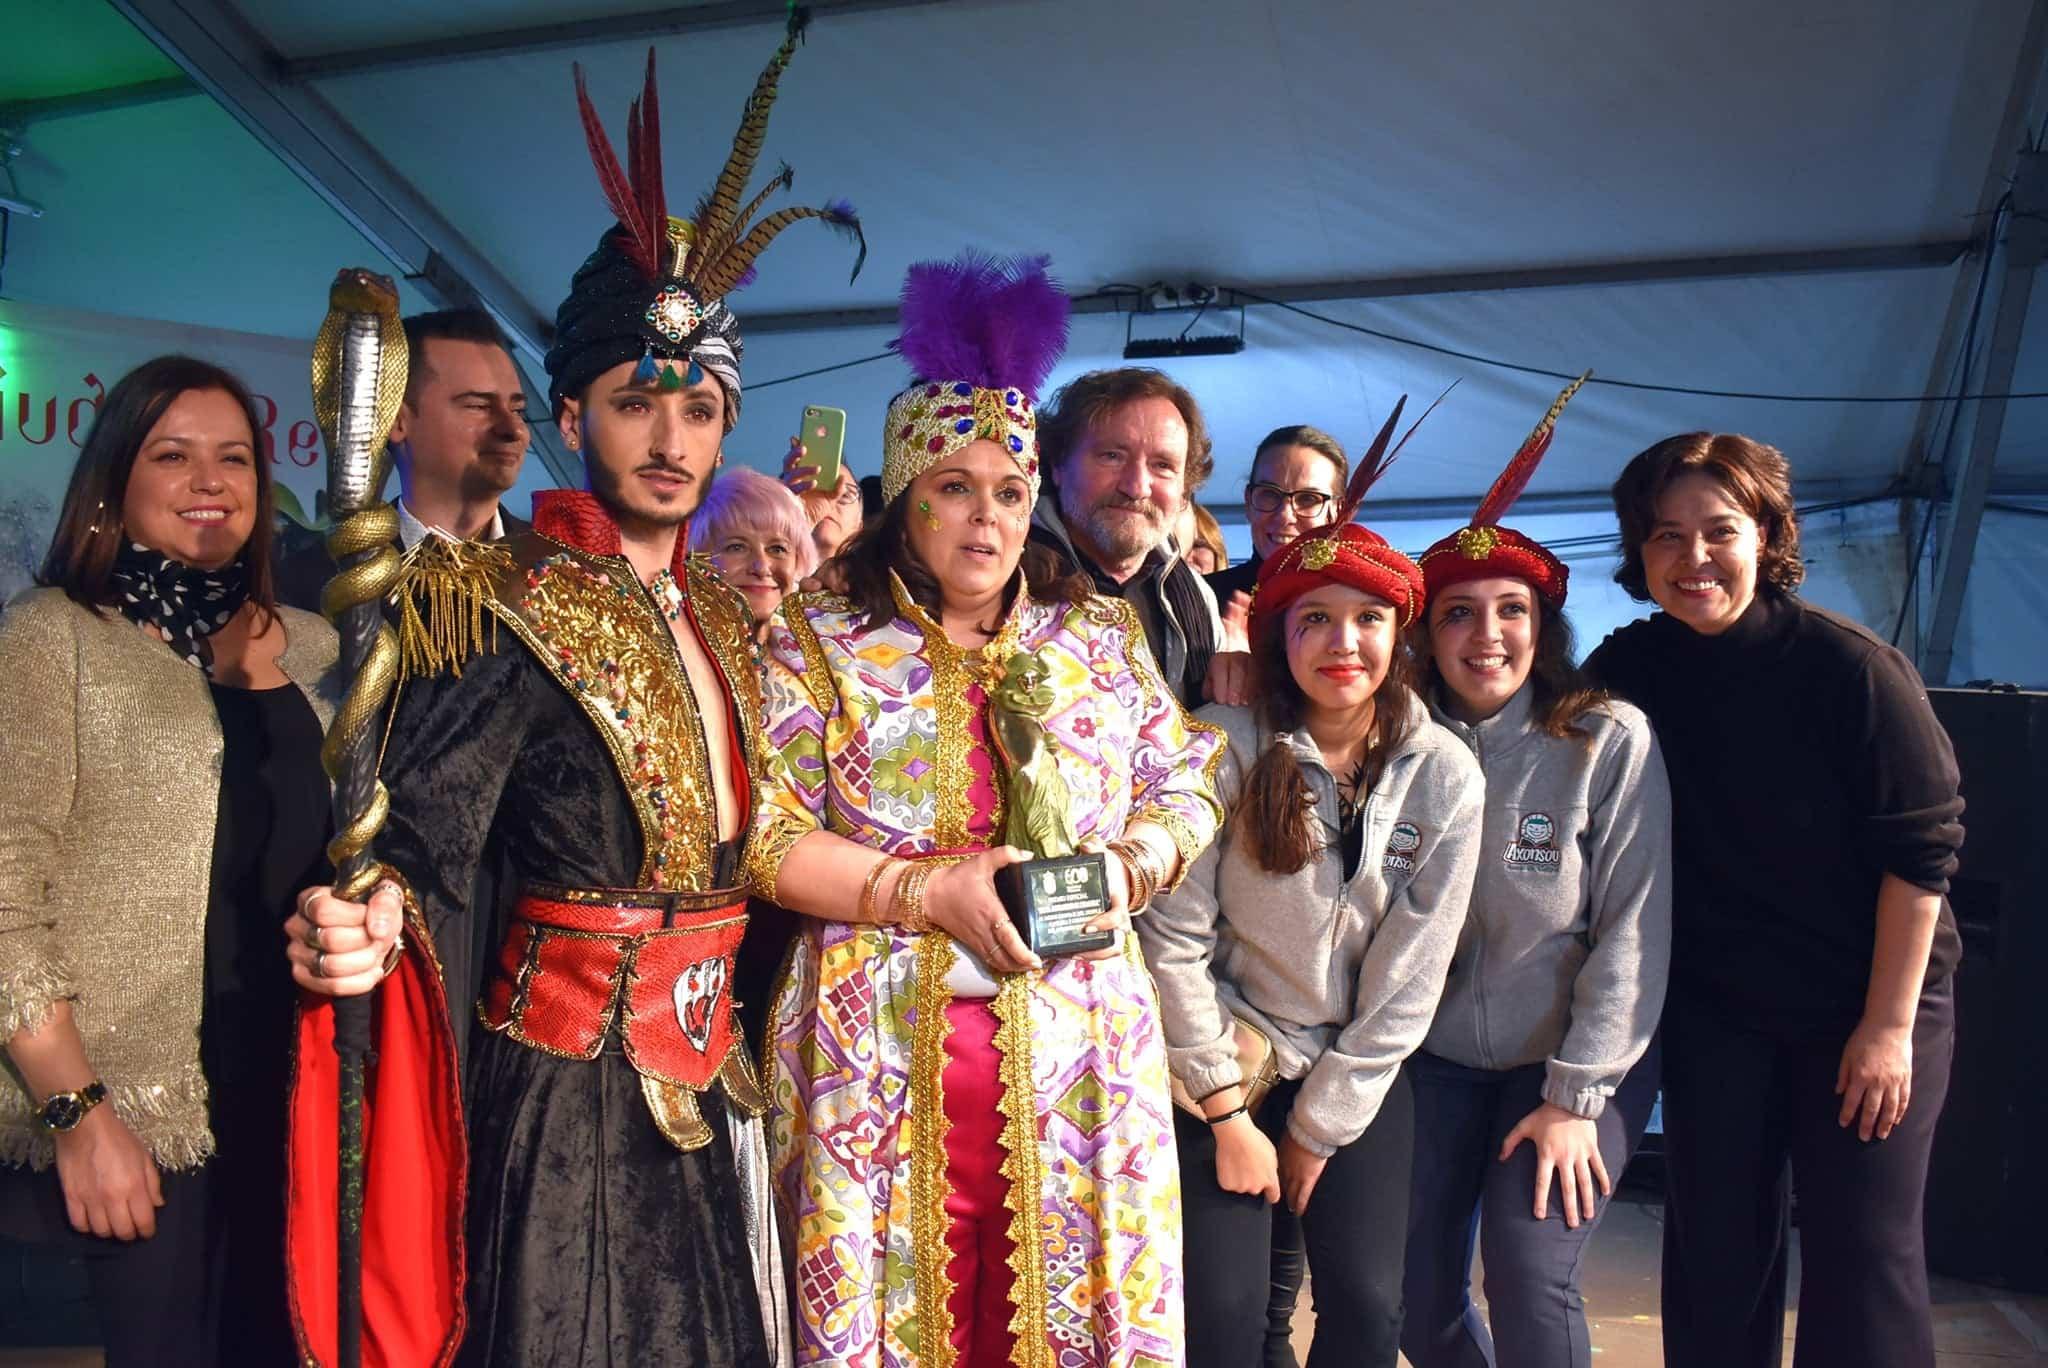 Carnaval de ciudad real 2020 axonsou arlequin oro herencia 13 - Axonsou se lleva el Arlequín de Oro en Ciudad Real